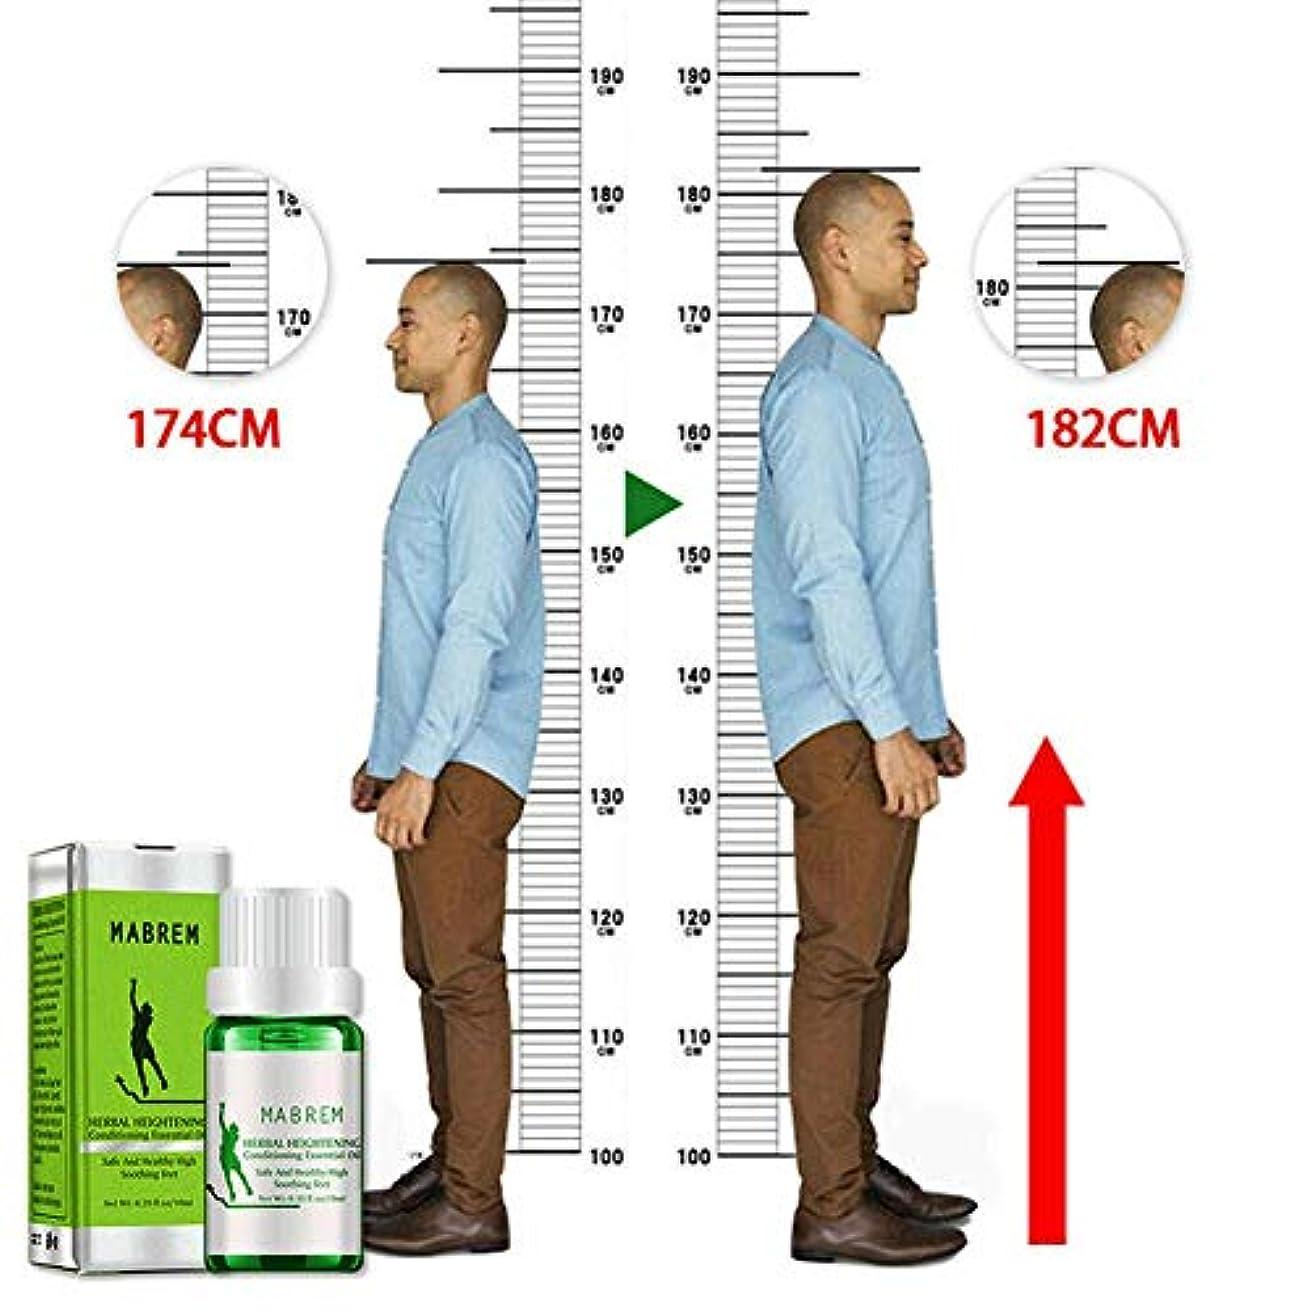 万一に備えて後方妨げる成長を高めるエッセンシャルオイルなだめるような足安全で健康的なエネルギーハーブ強化コンディショニングマッサージオイル